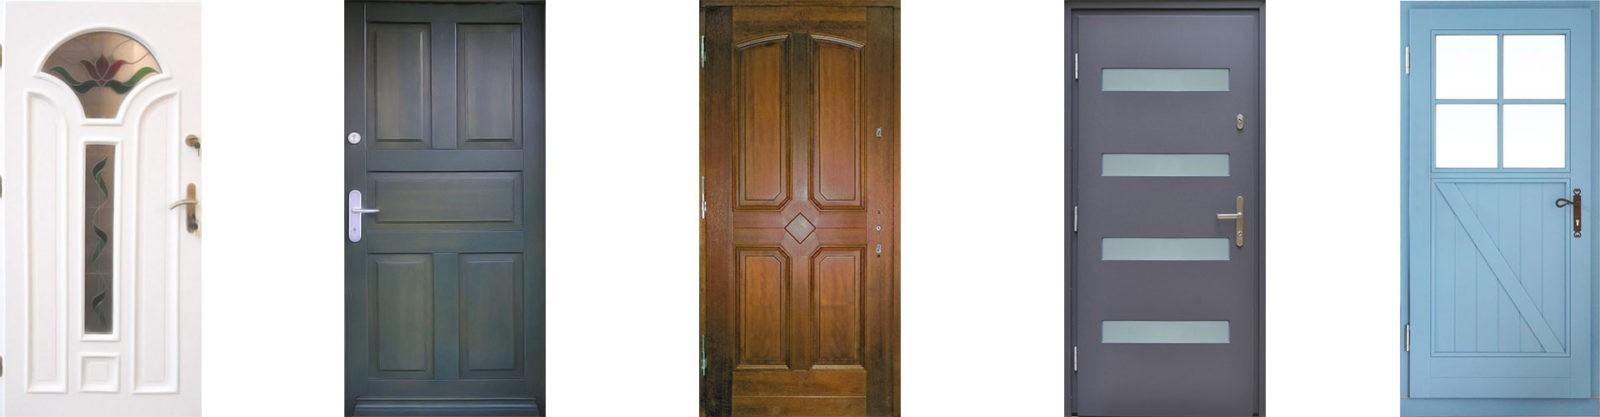 drzwi zewnętrzne Ronkowski